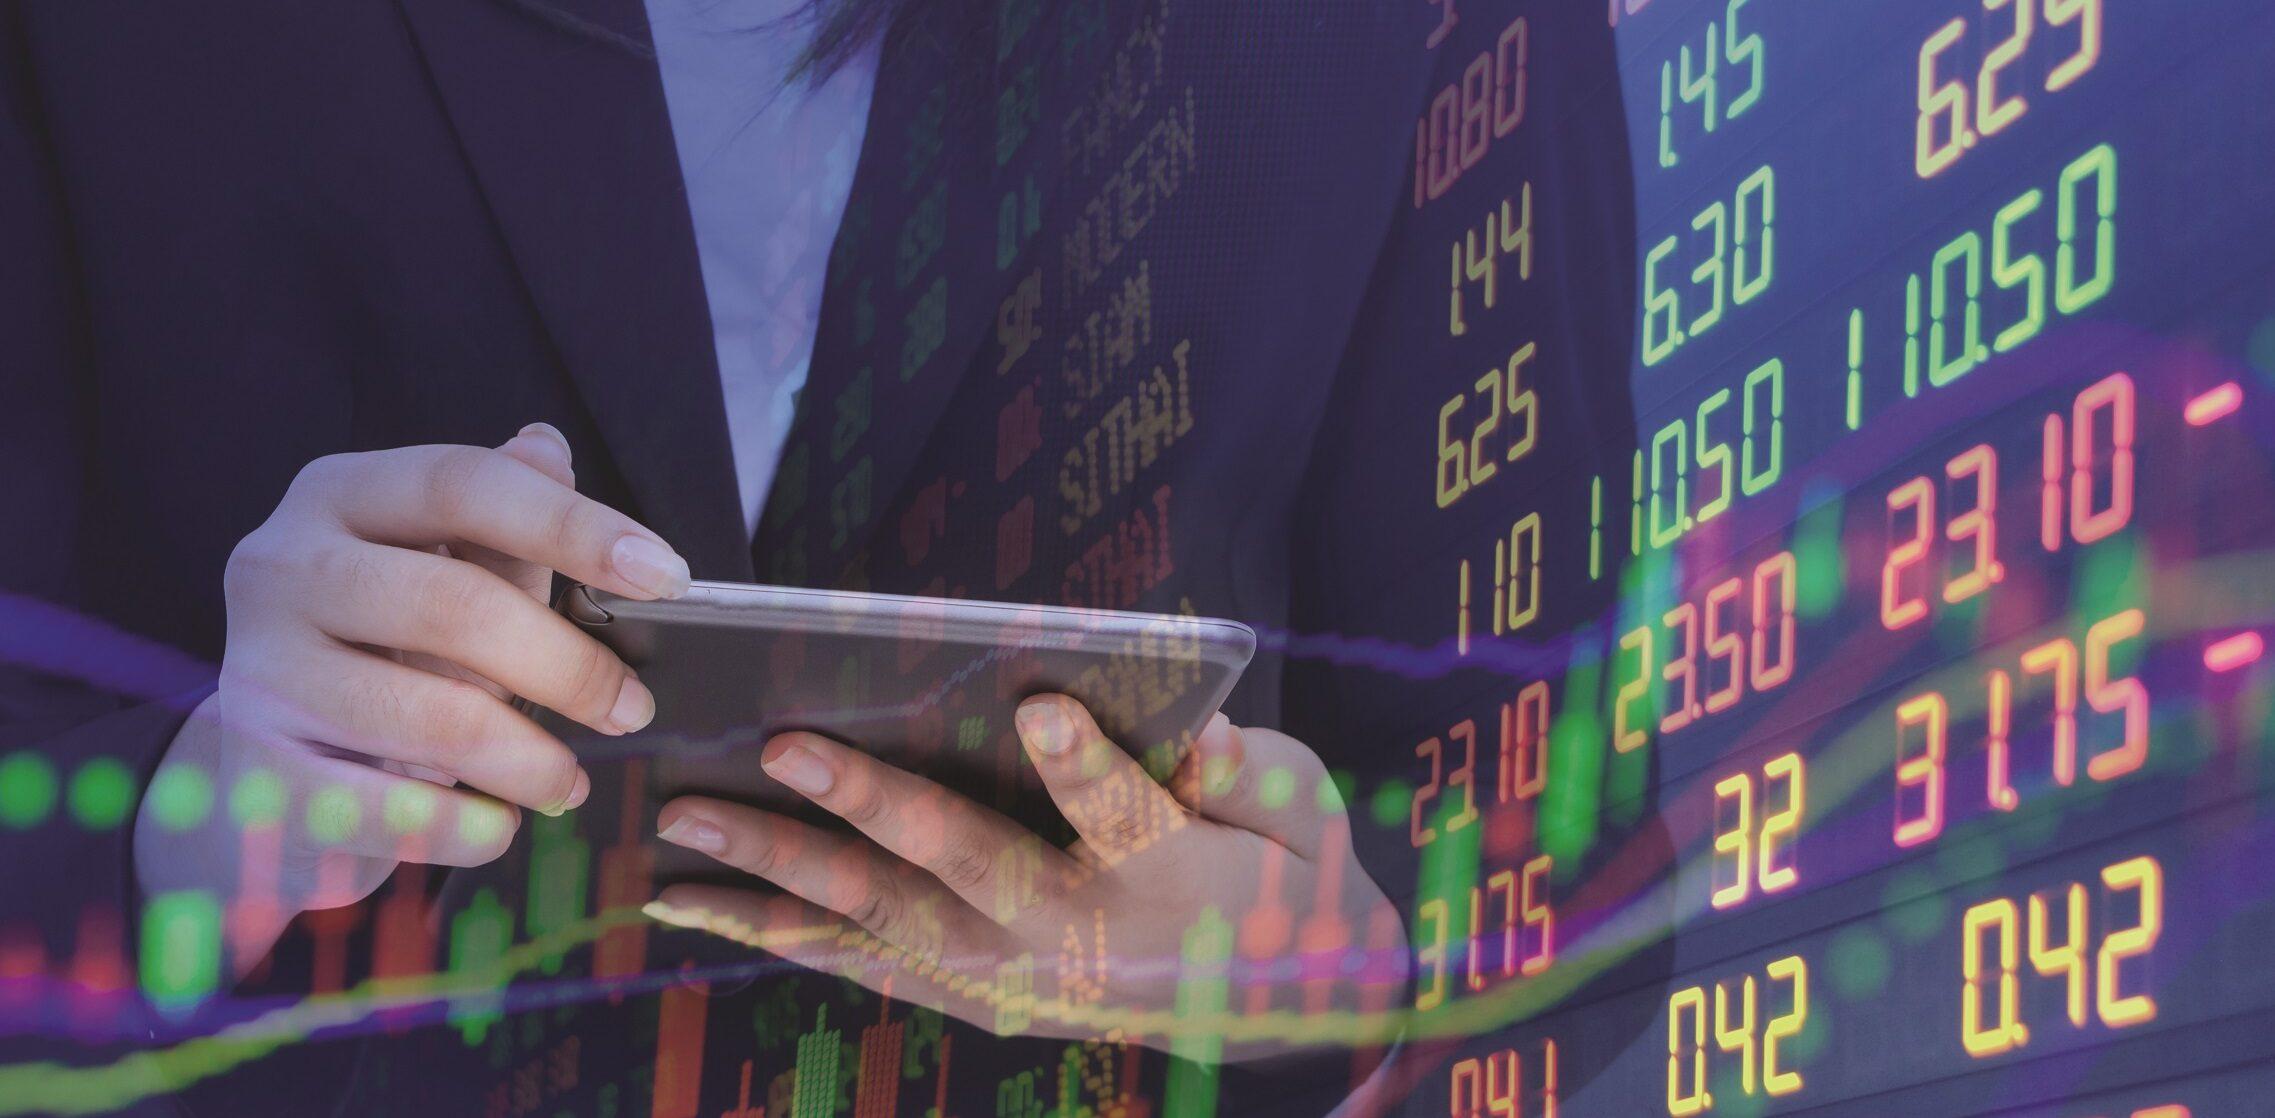 عملکرد صندوقهای سرمایهگذاری در شهریورماه ۱۳۹۹